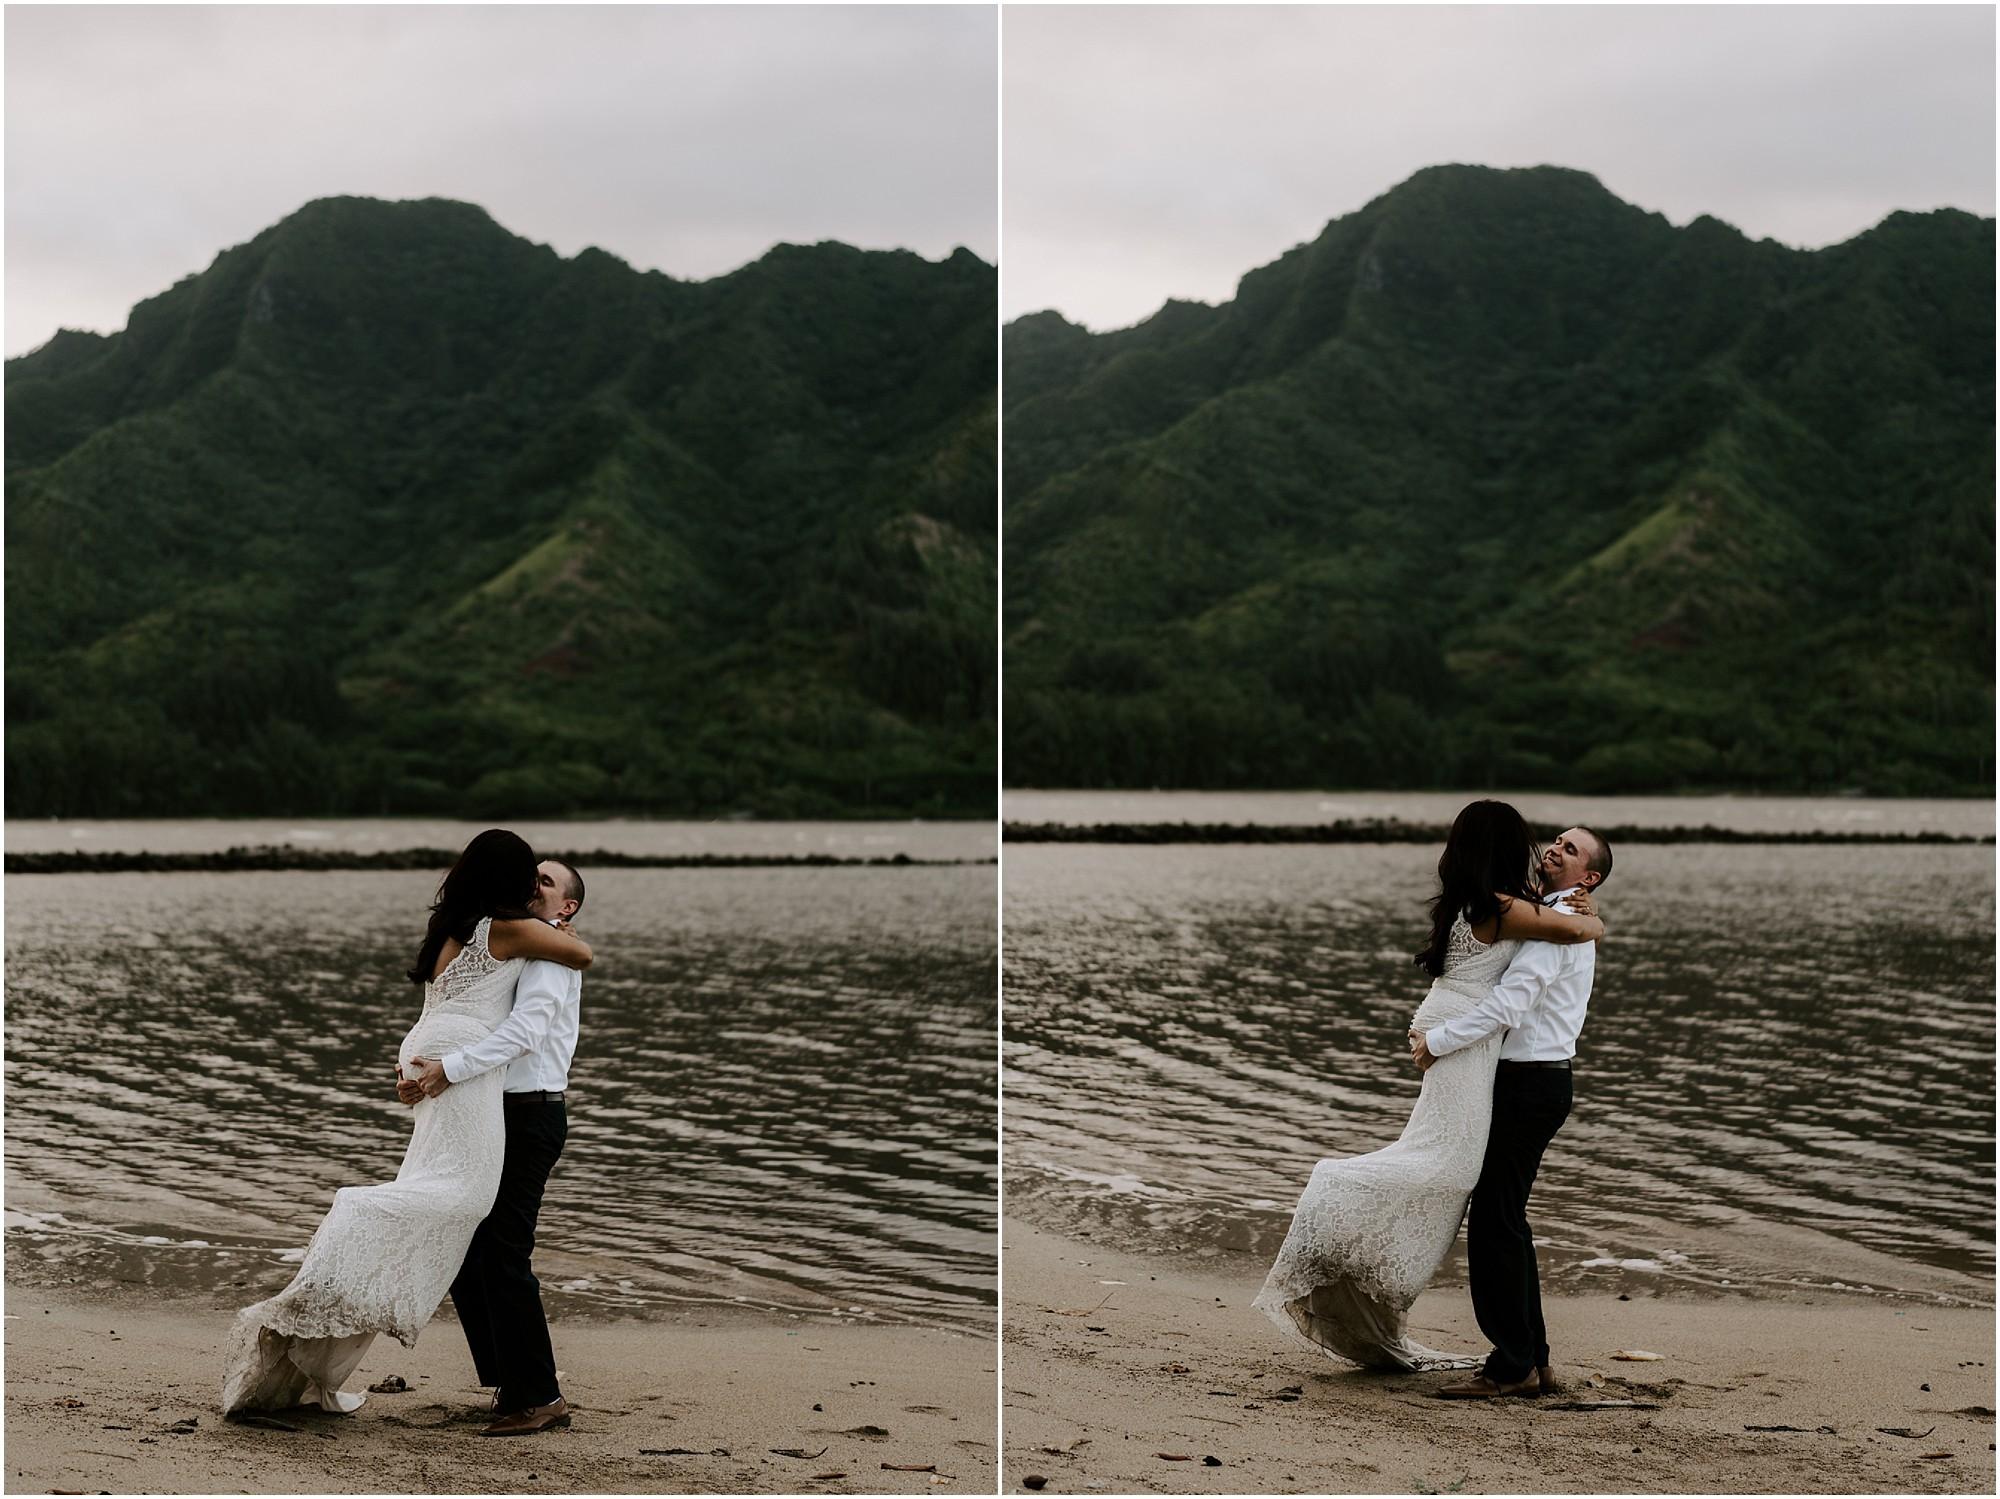 oahu-intimate-bridal-adventure-session_0019.jpg